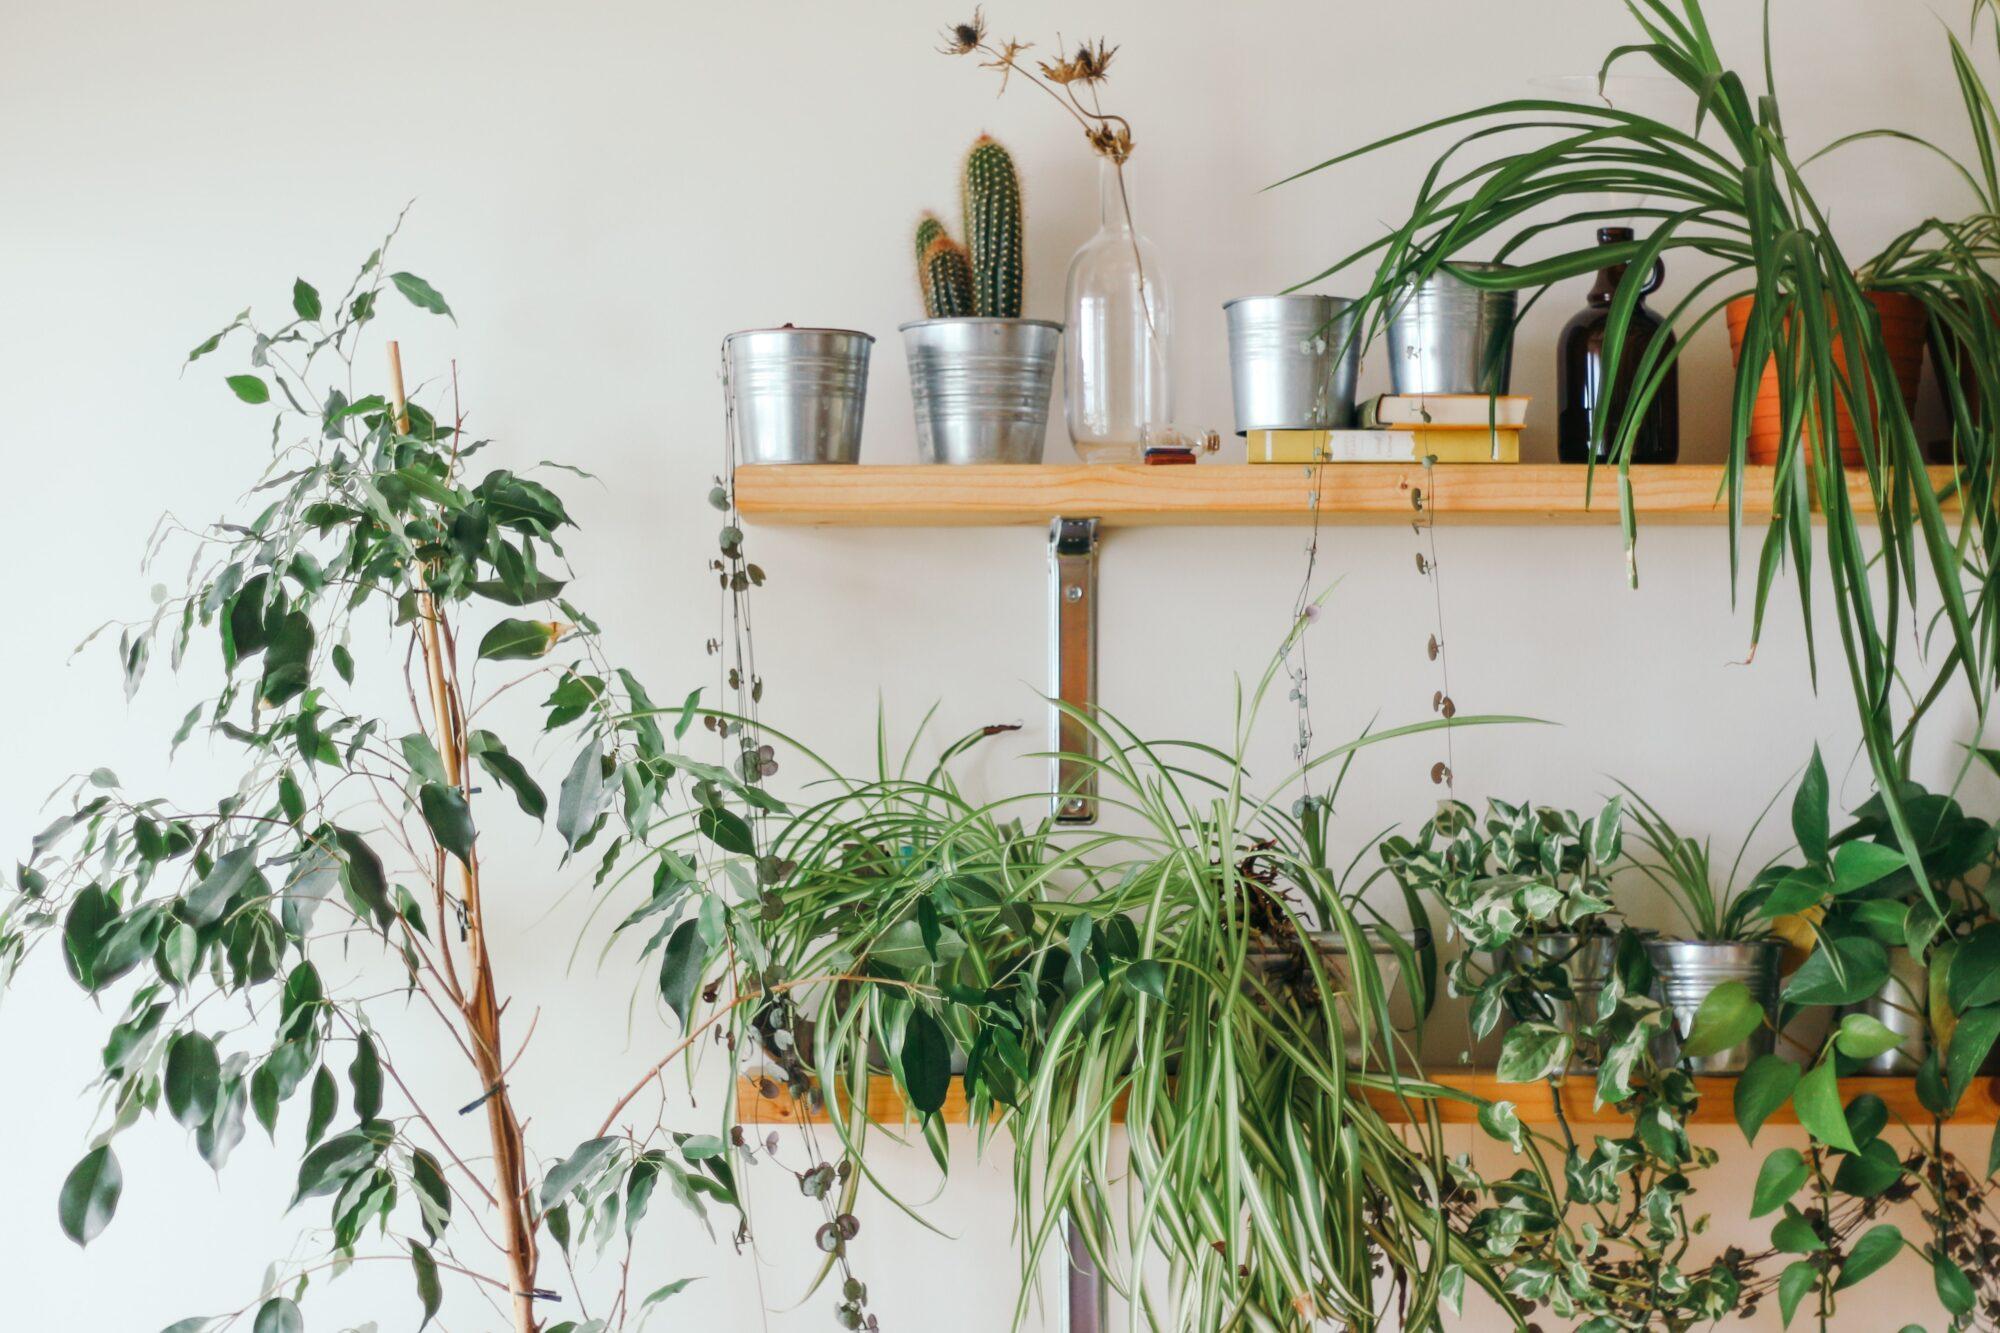 Vælg de rette planter til badeværelset